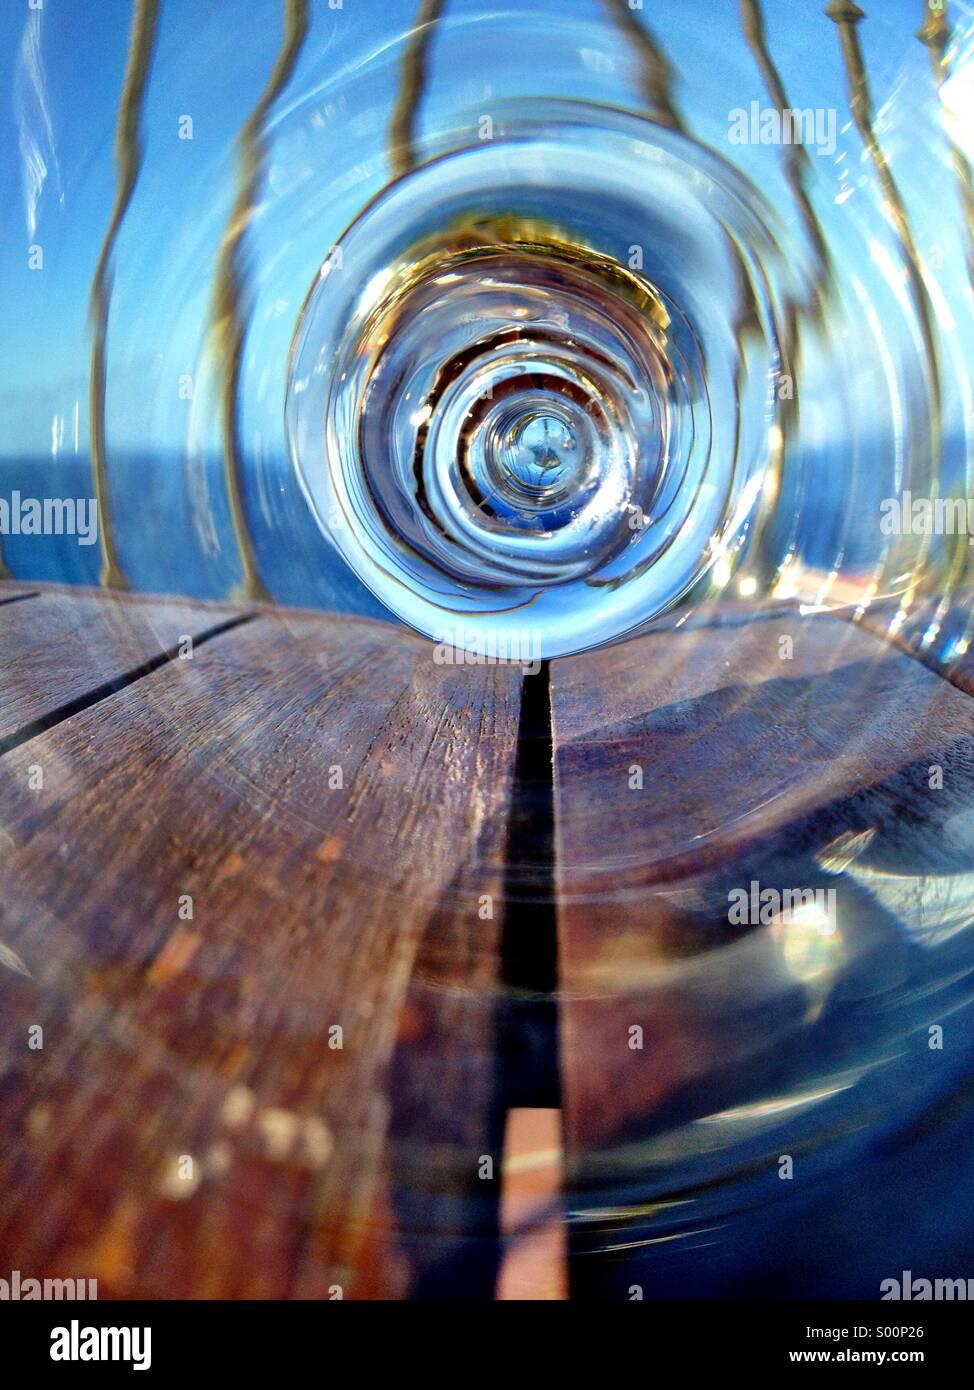 Warped view - Stock Image